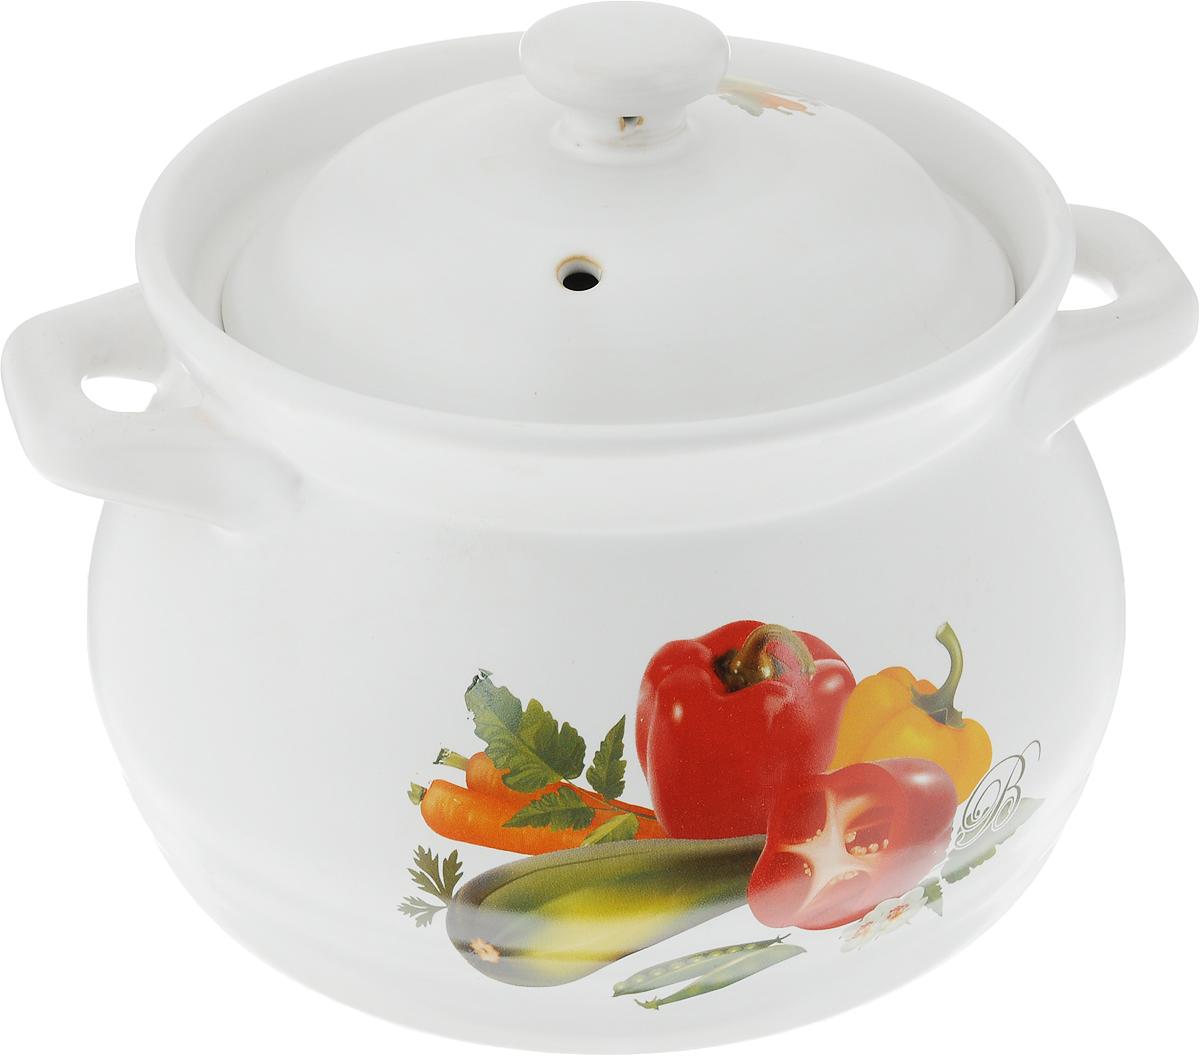 Кастрюля-супница Bohmann Овощи с крышкой, 1,8 л26534Кастрюля-супница Bohmann Овощи, изготовленная из жаропрочной керамики, предназначена для приготовления и подачи супов, бульонов, гуляшей, жаркое. Изделие оснащено крышкой с отверстием для выпуска пара и удобными ручками. Внешние стенки дополнены красочным изображением овощей. В такой кастрюле можно жарить, тушить, варить. Изделие выдерживает температуру от -20°С до +300°С. Подходит для различных типов плит, в том числе газовых, электрических, микроволновой печи, духового шкафа, а также для хранения пищи в холодильнике. Разрешено мыть в посудомоечной машине.Диаметр супницы (по верхнему краю): 16 см. Ширина супницы (с учетом ручек): 21 см. Высота супницы (без учета крышки): 12,5 см. Диаметр основания: 15 см.